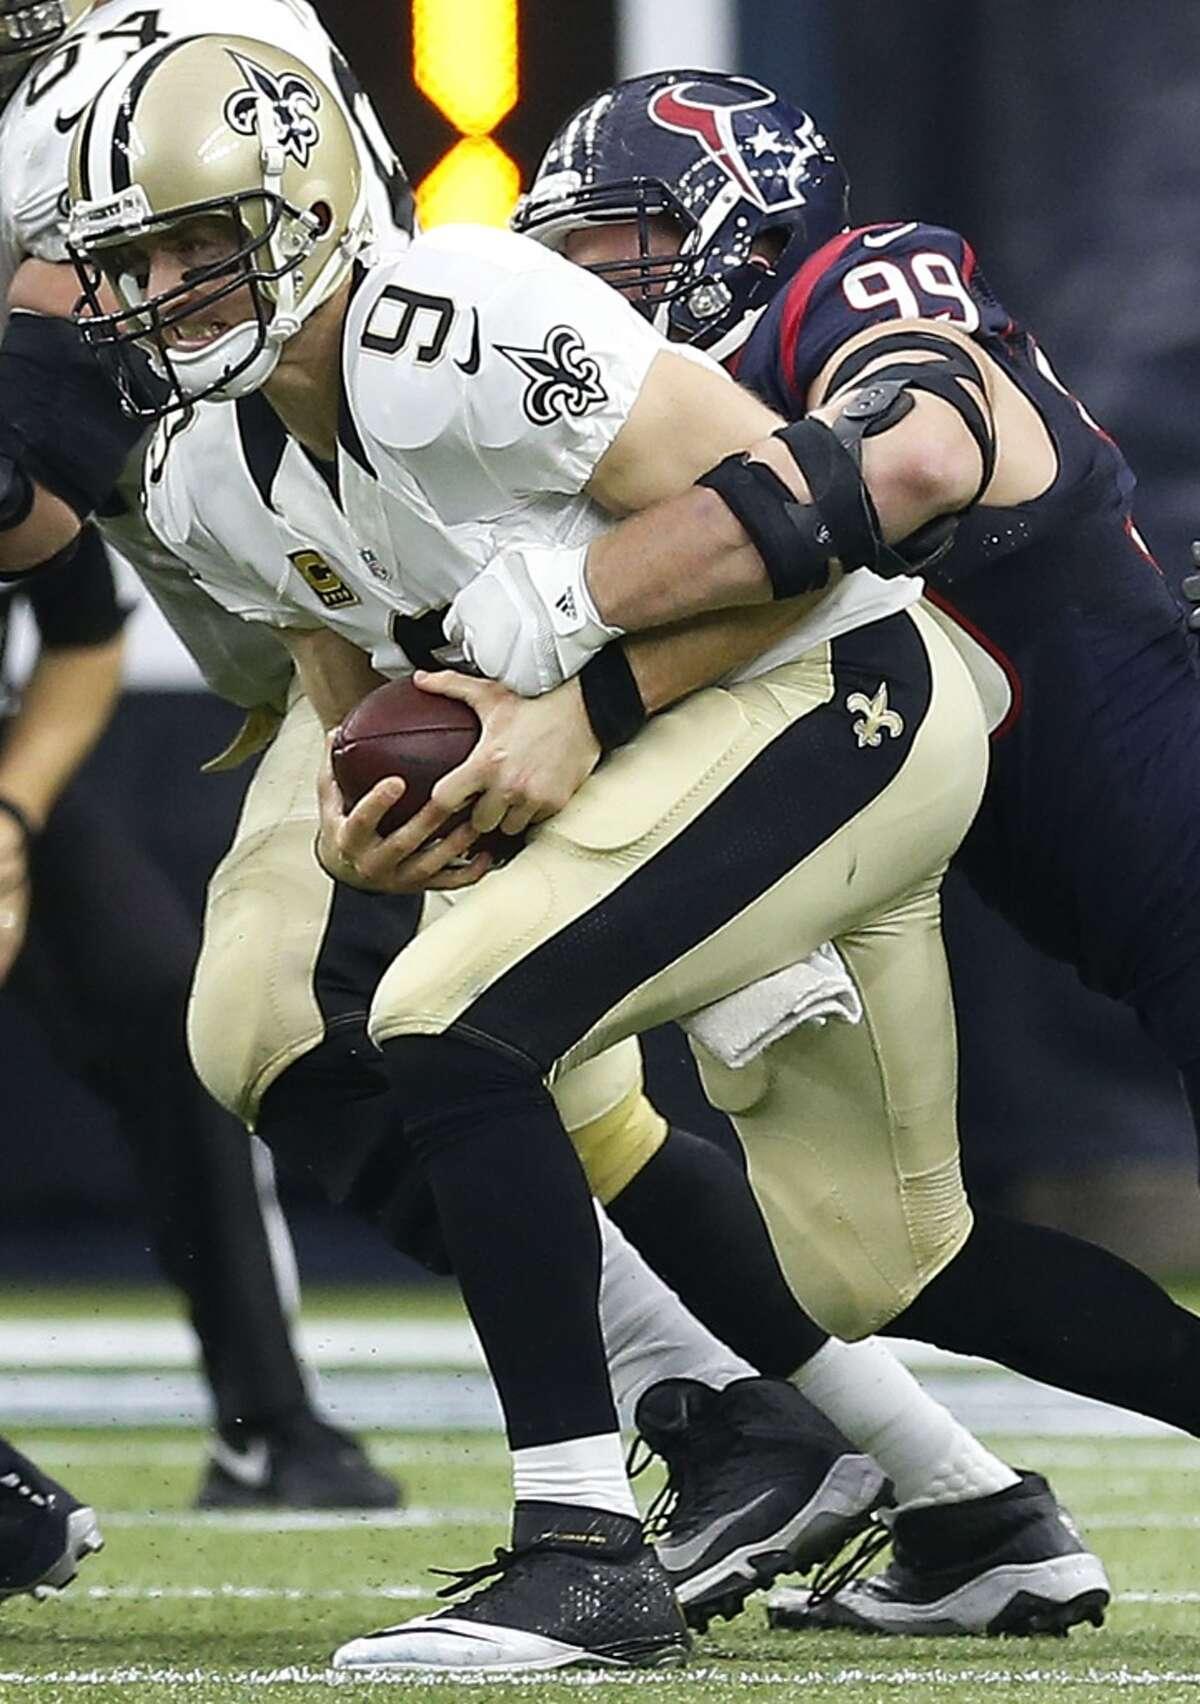 Houston Texans defensive end J.J. Watt (99) sacks New Orleans Saints quarterback Drew Brees (9) in the third quarter of an NFL football game at NRG Stadium on Sunday, Nov. 29, 2015, in Houston. ( Karen Warren / Houston Chronicle )